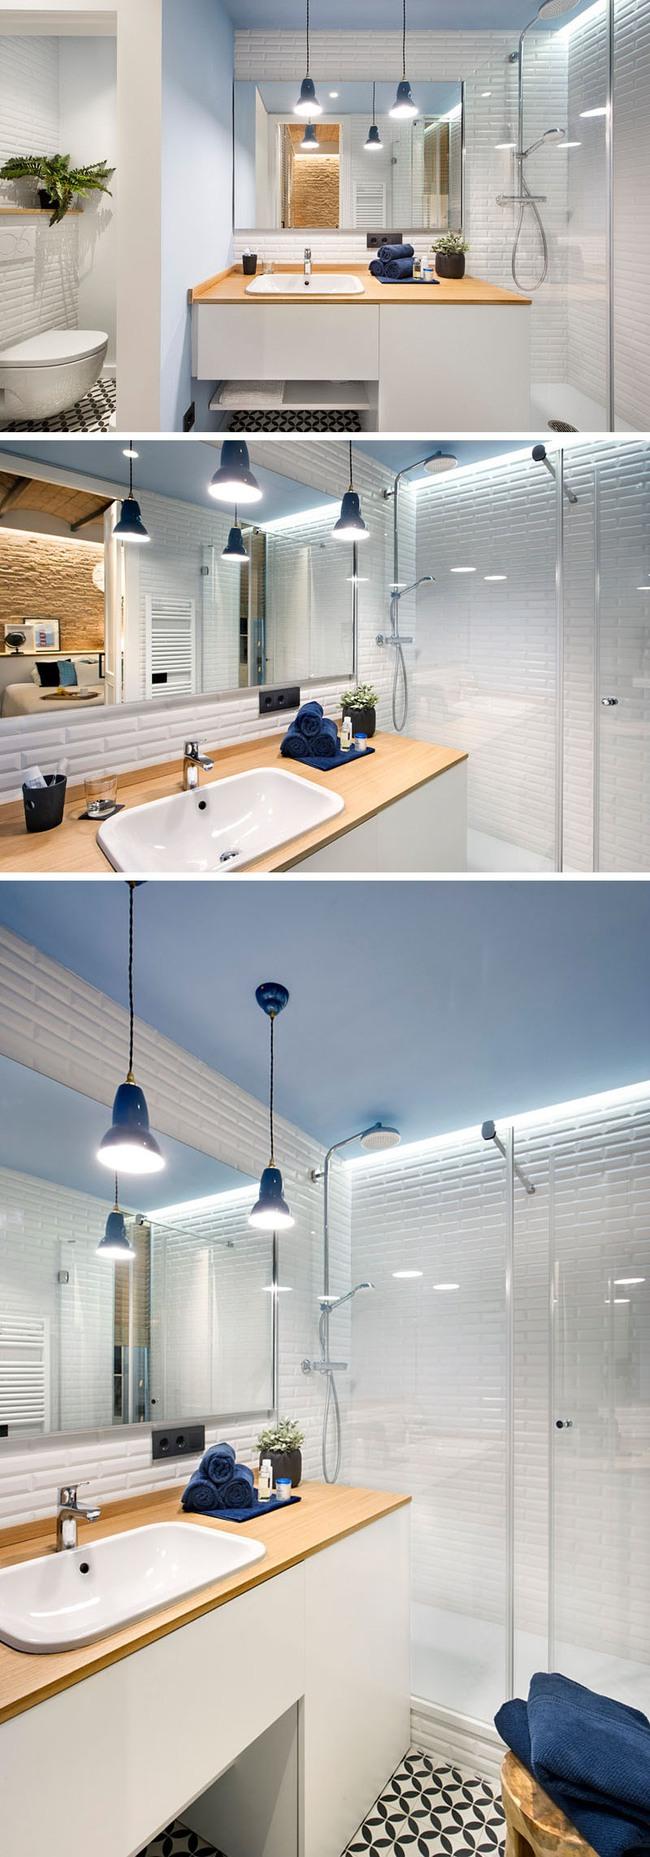 Sở hữu căn hộ nhỏ tuyệt vời như thế này thì cần gì nhà rộng làm chi cho mệt - Ảnh 9.